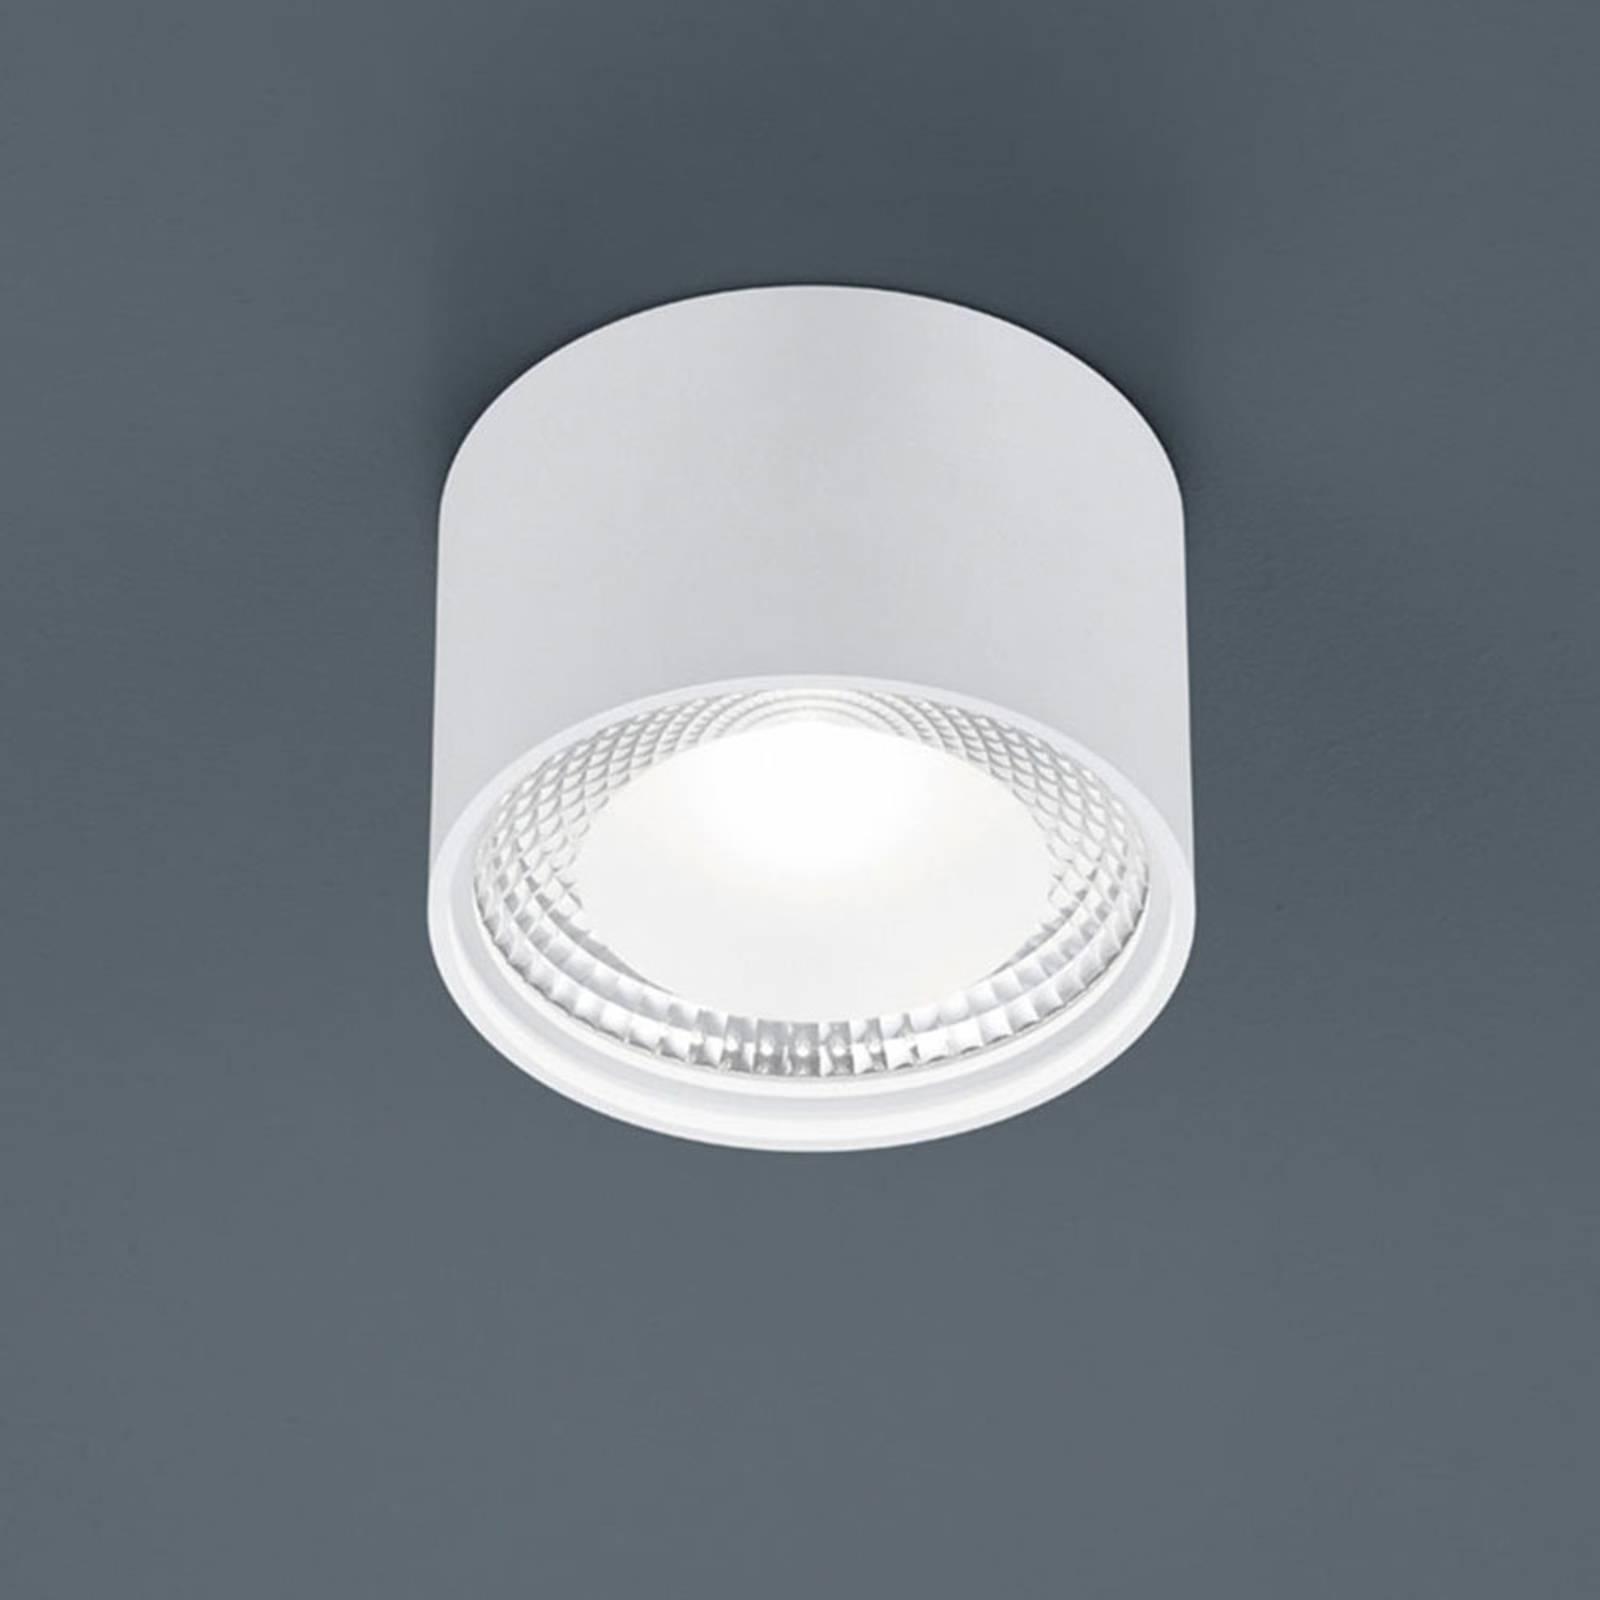 Helestra Kari LED-Deckenleuchte, rund, weiß